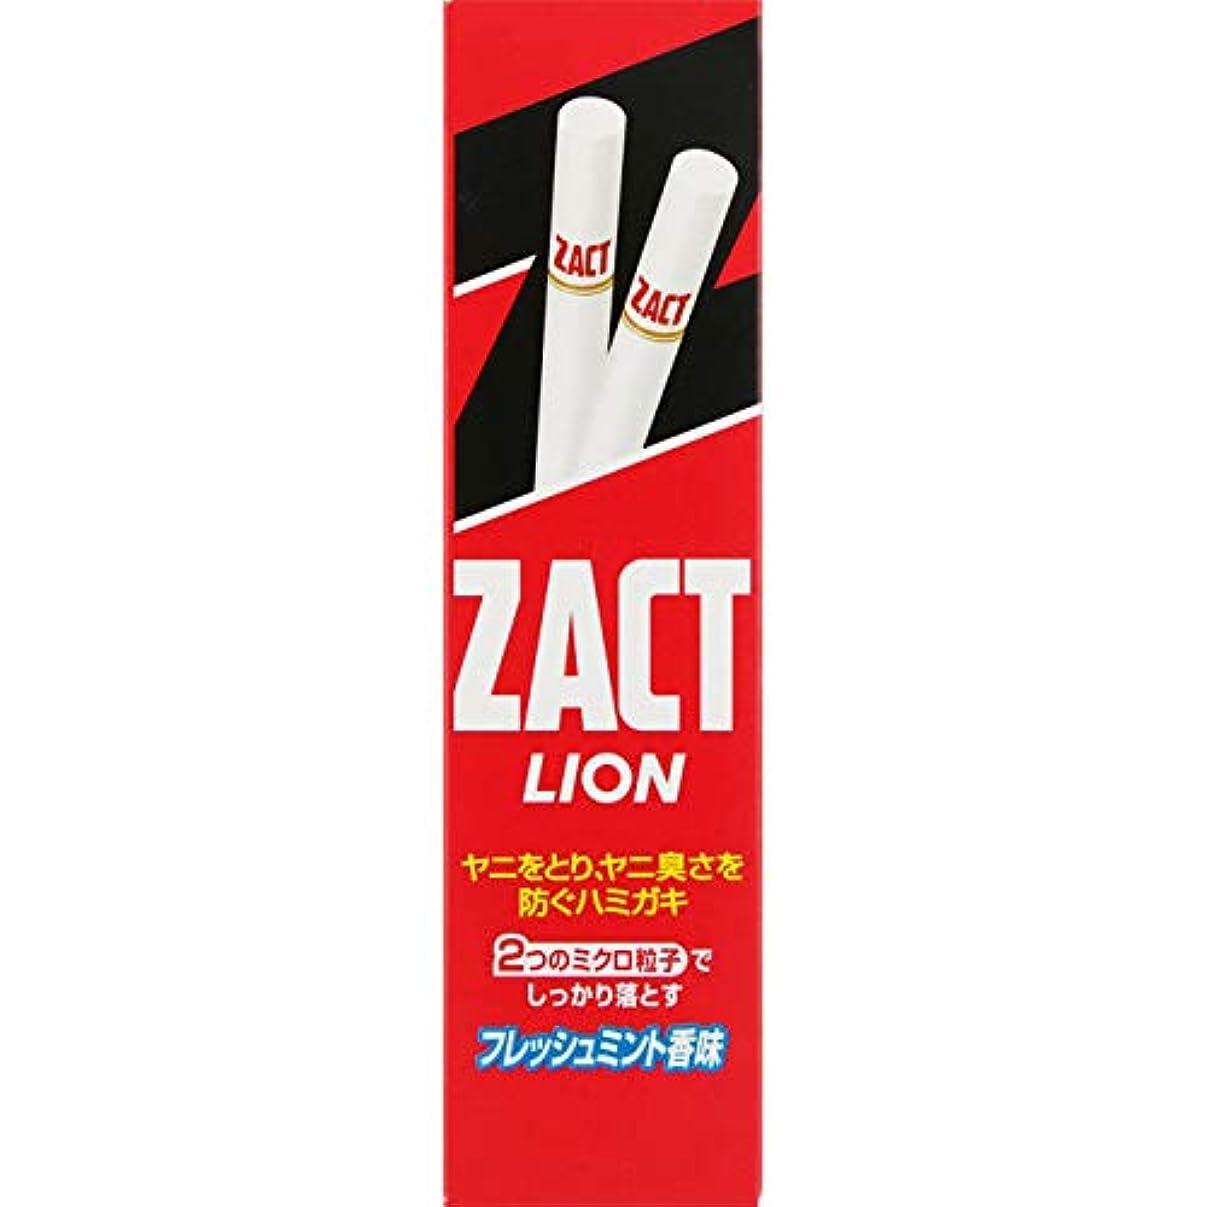 モットー筋肉の豚肉ライオン ザクト ライオン 150g(医薬部外品)